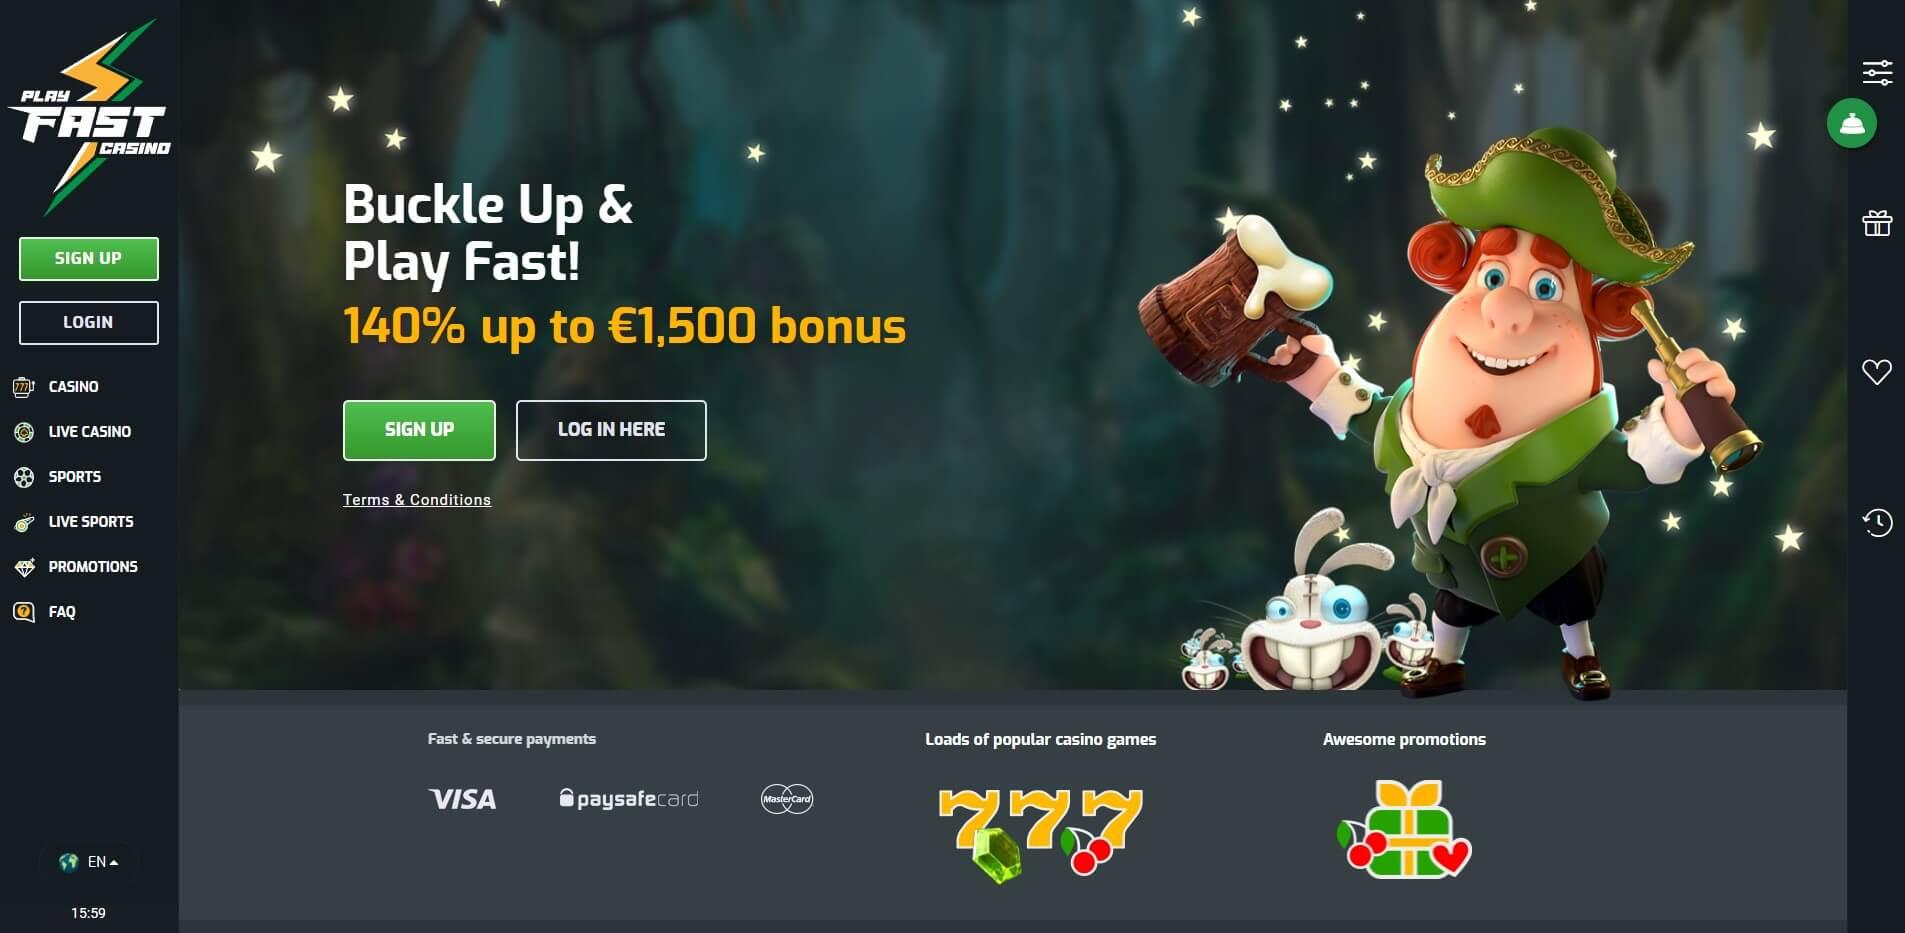 playfastcasino.com - Website Review